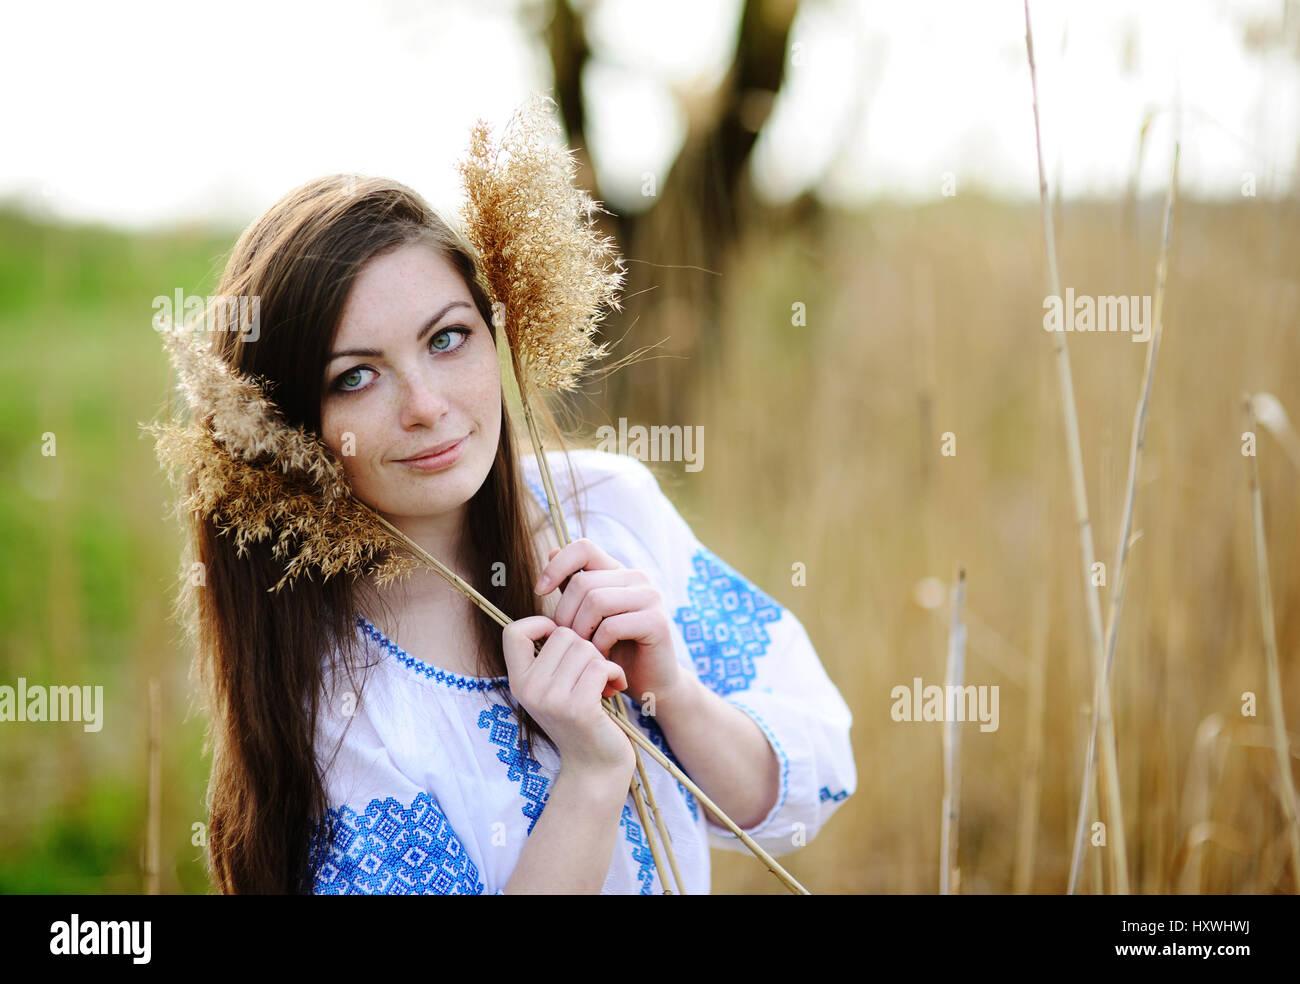 Slavic girl in Ukrainian shirt holding ears of corn - Stock Image